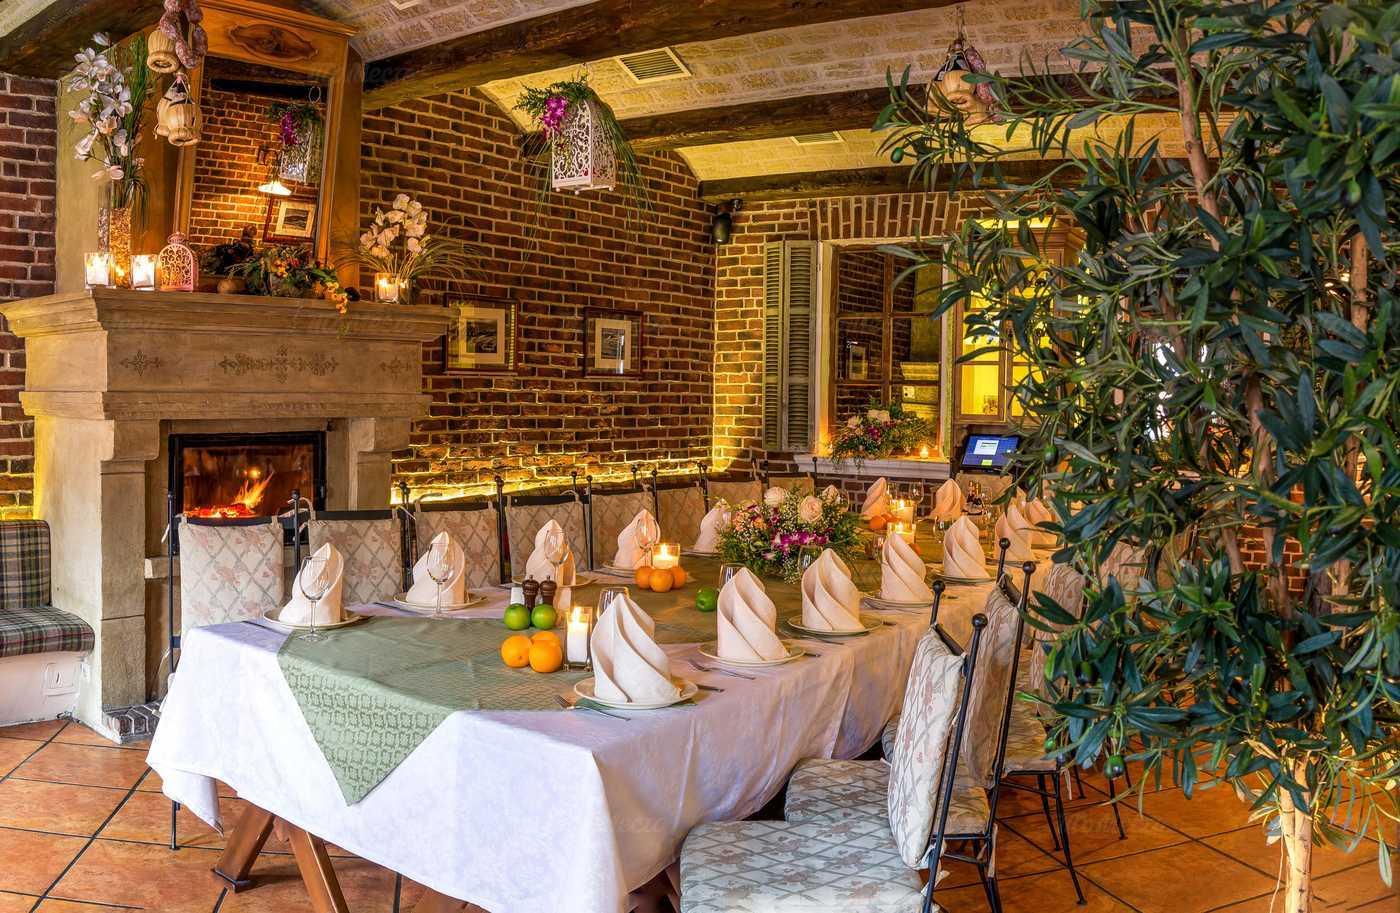 Банкеты ресторана Вилла Паста (Villa Pasta) на Пятницкой улице фото 2